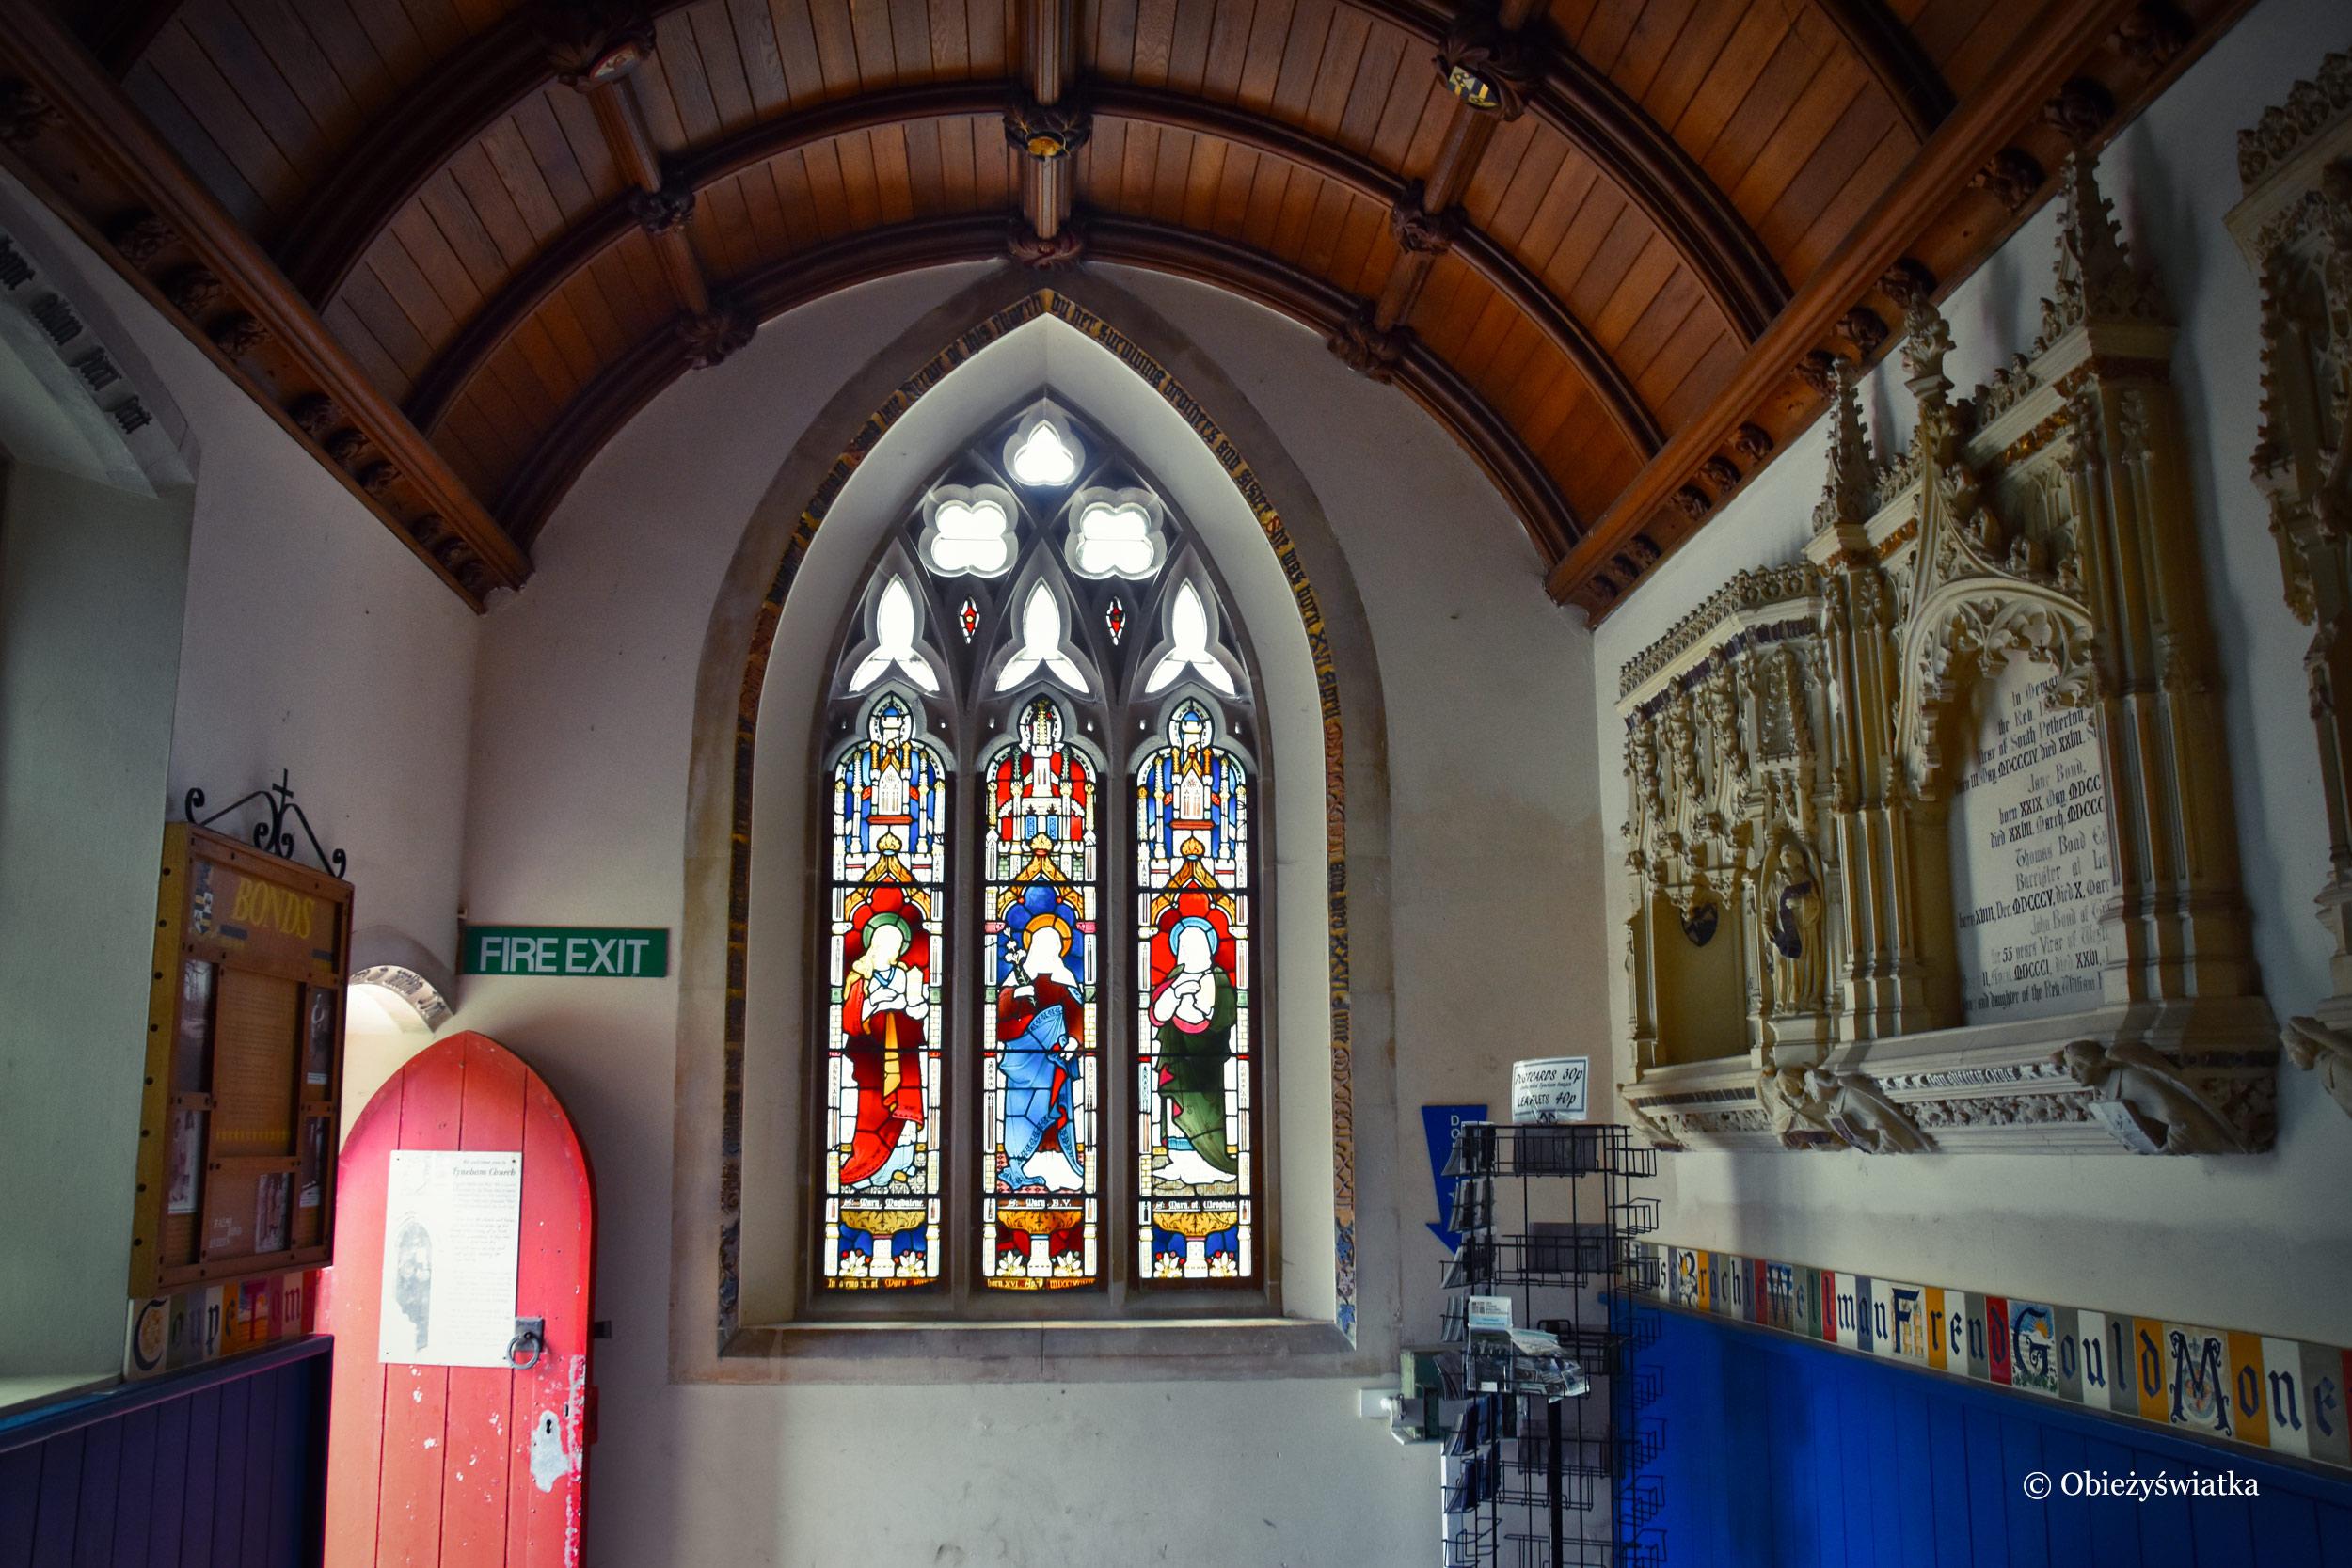 Wnętrze zabytkowego kościóła w Tyneham, UK